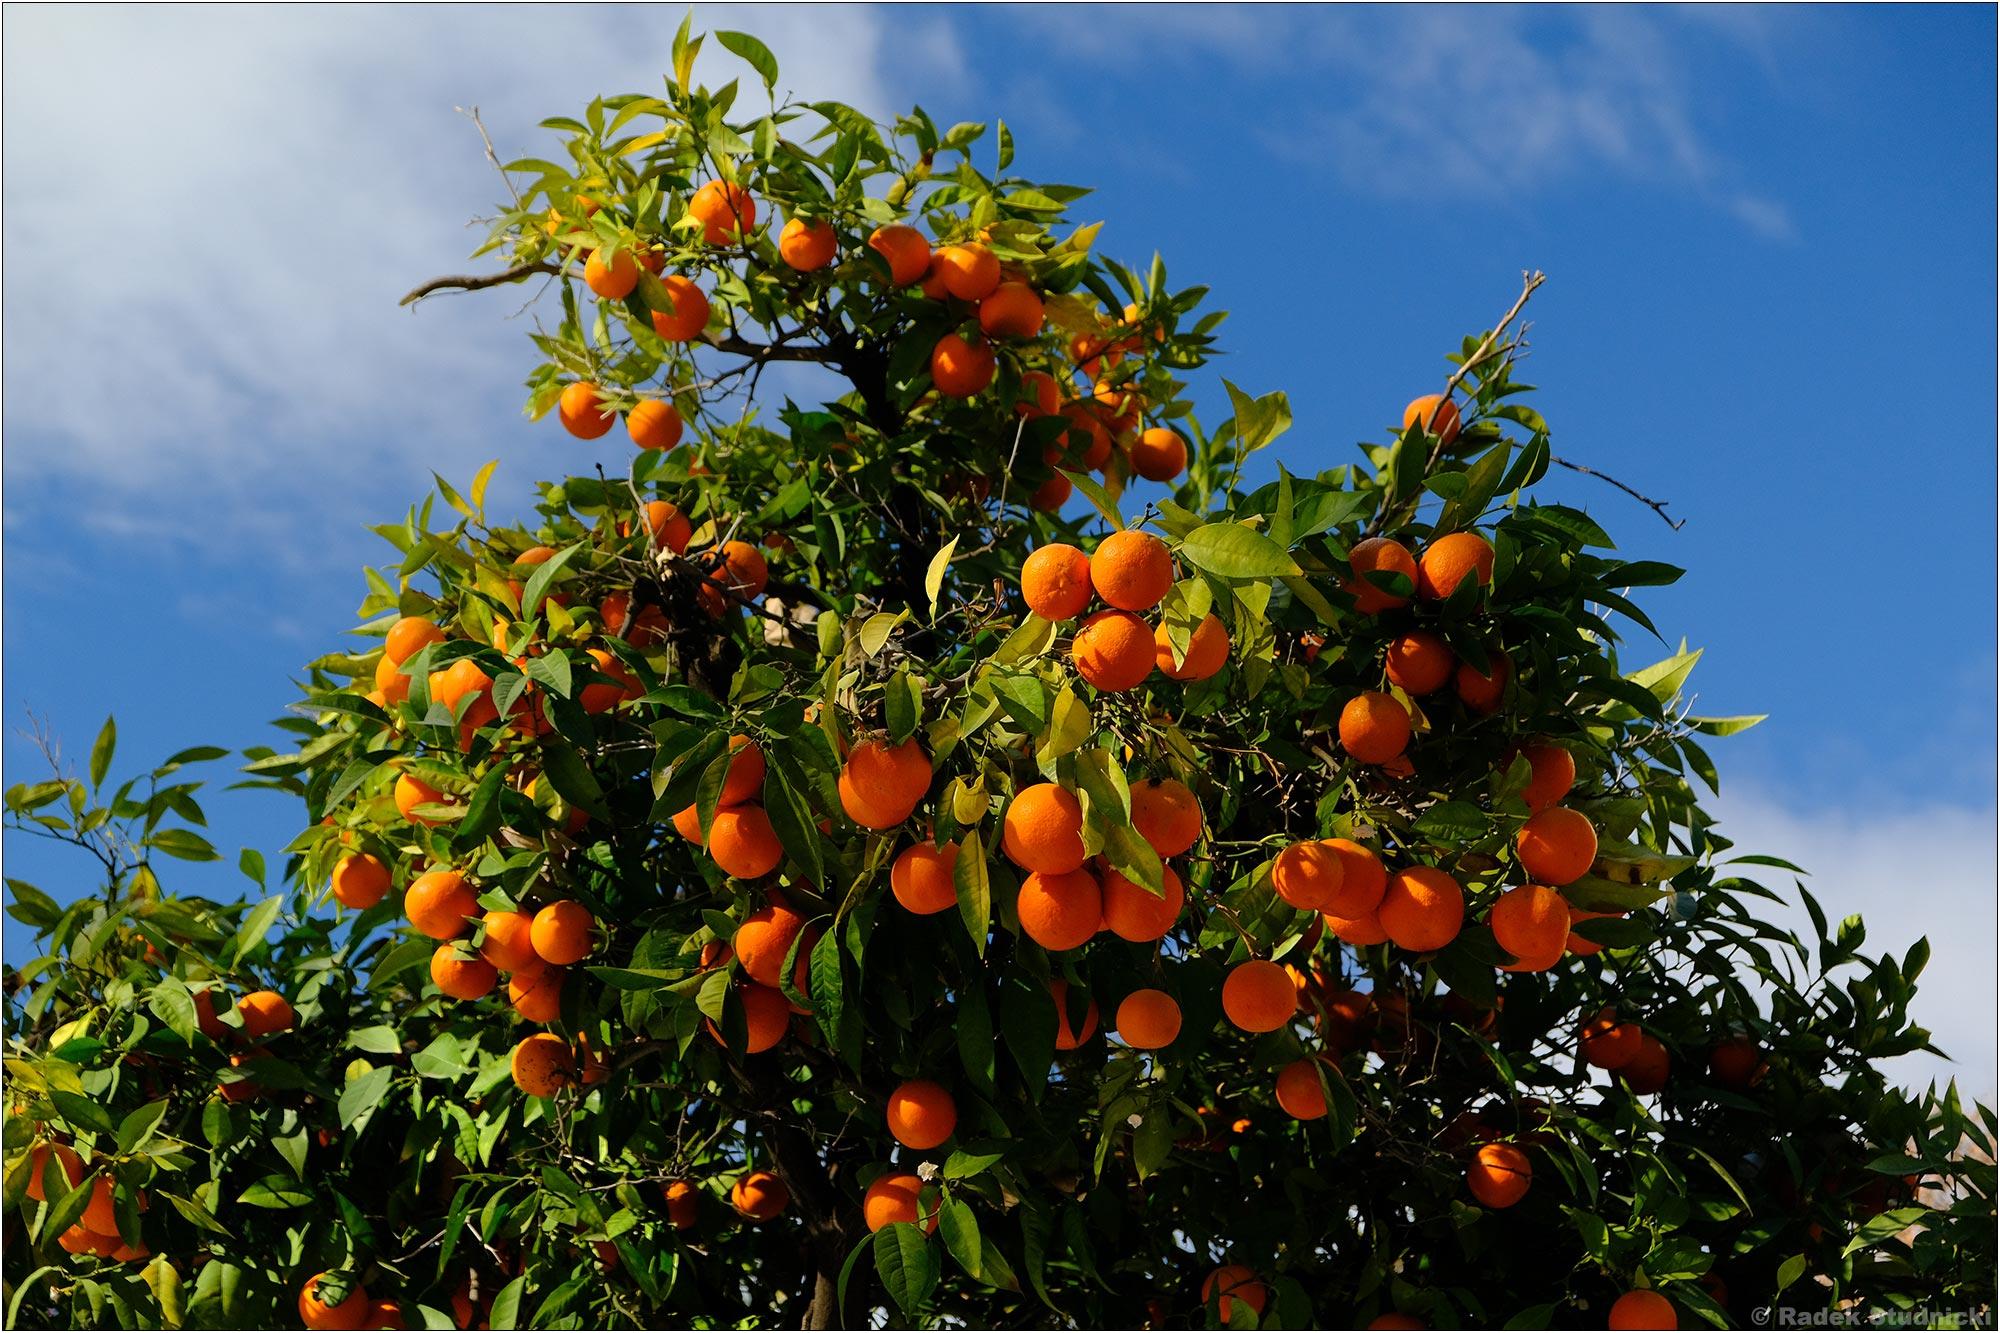 Sewilla pachnie pomarańczami